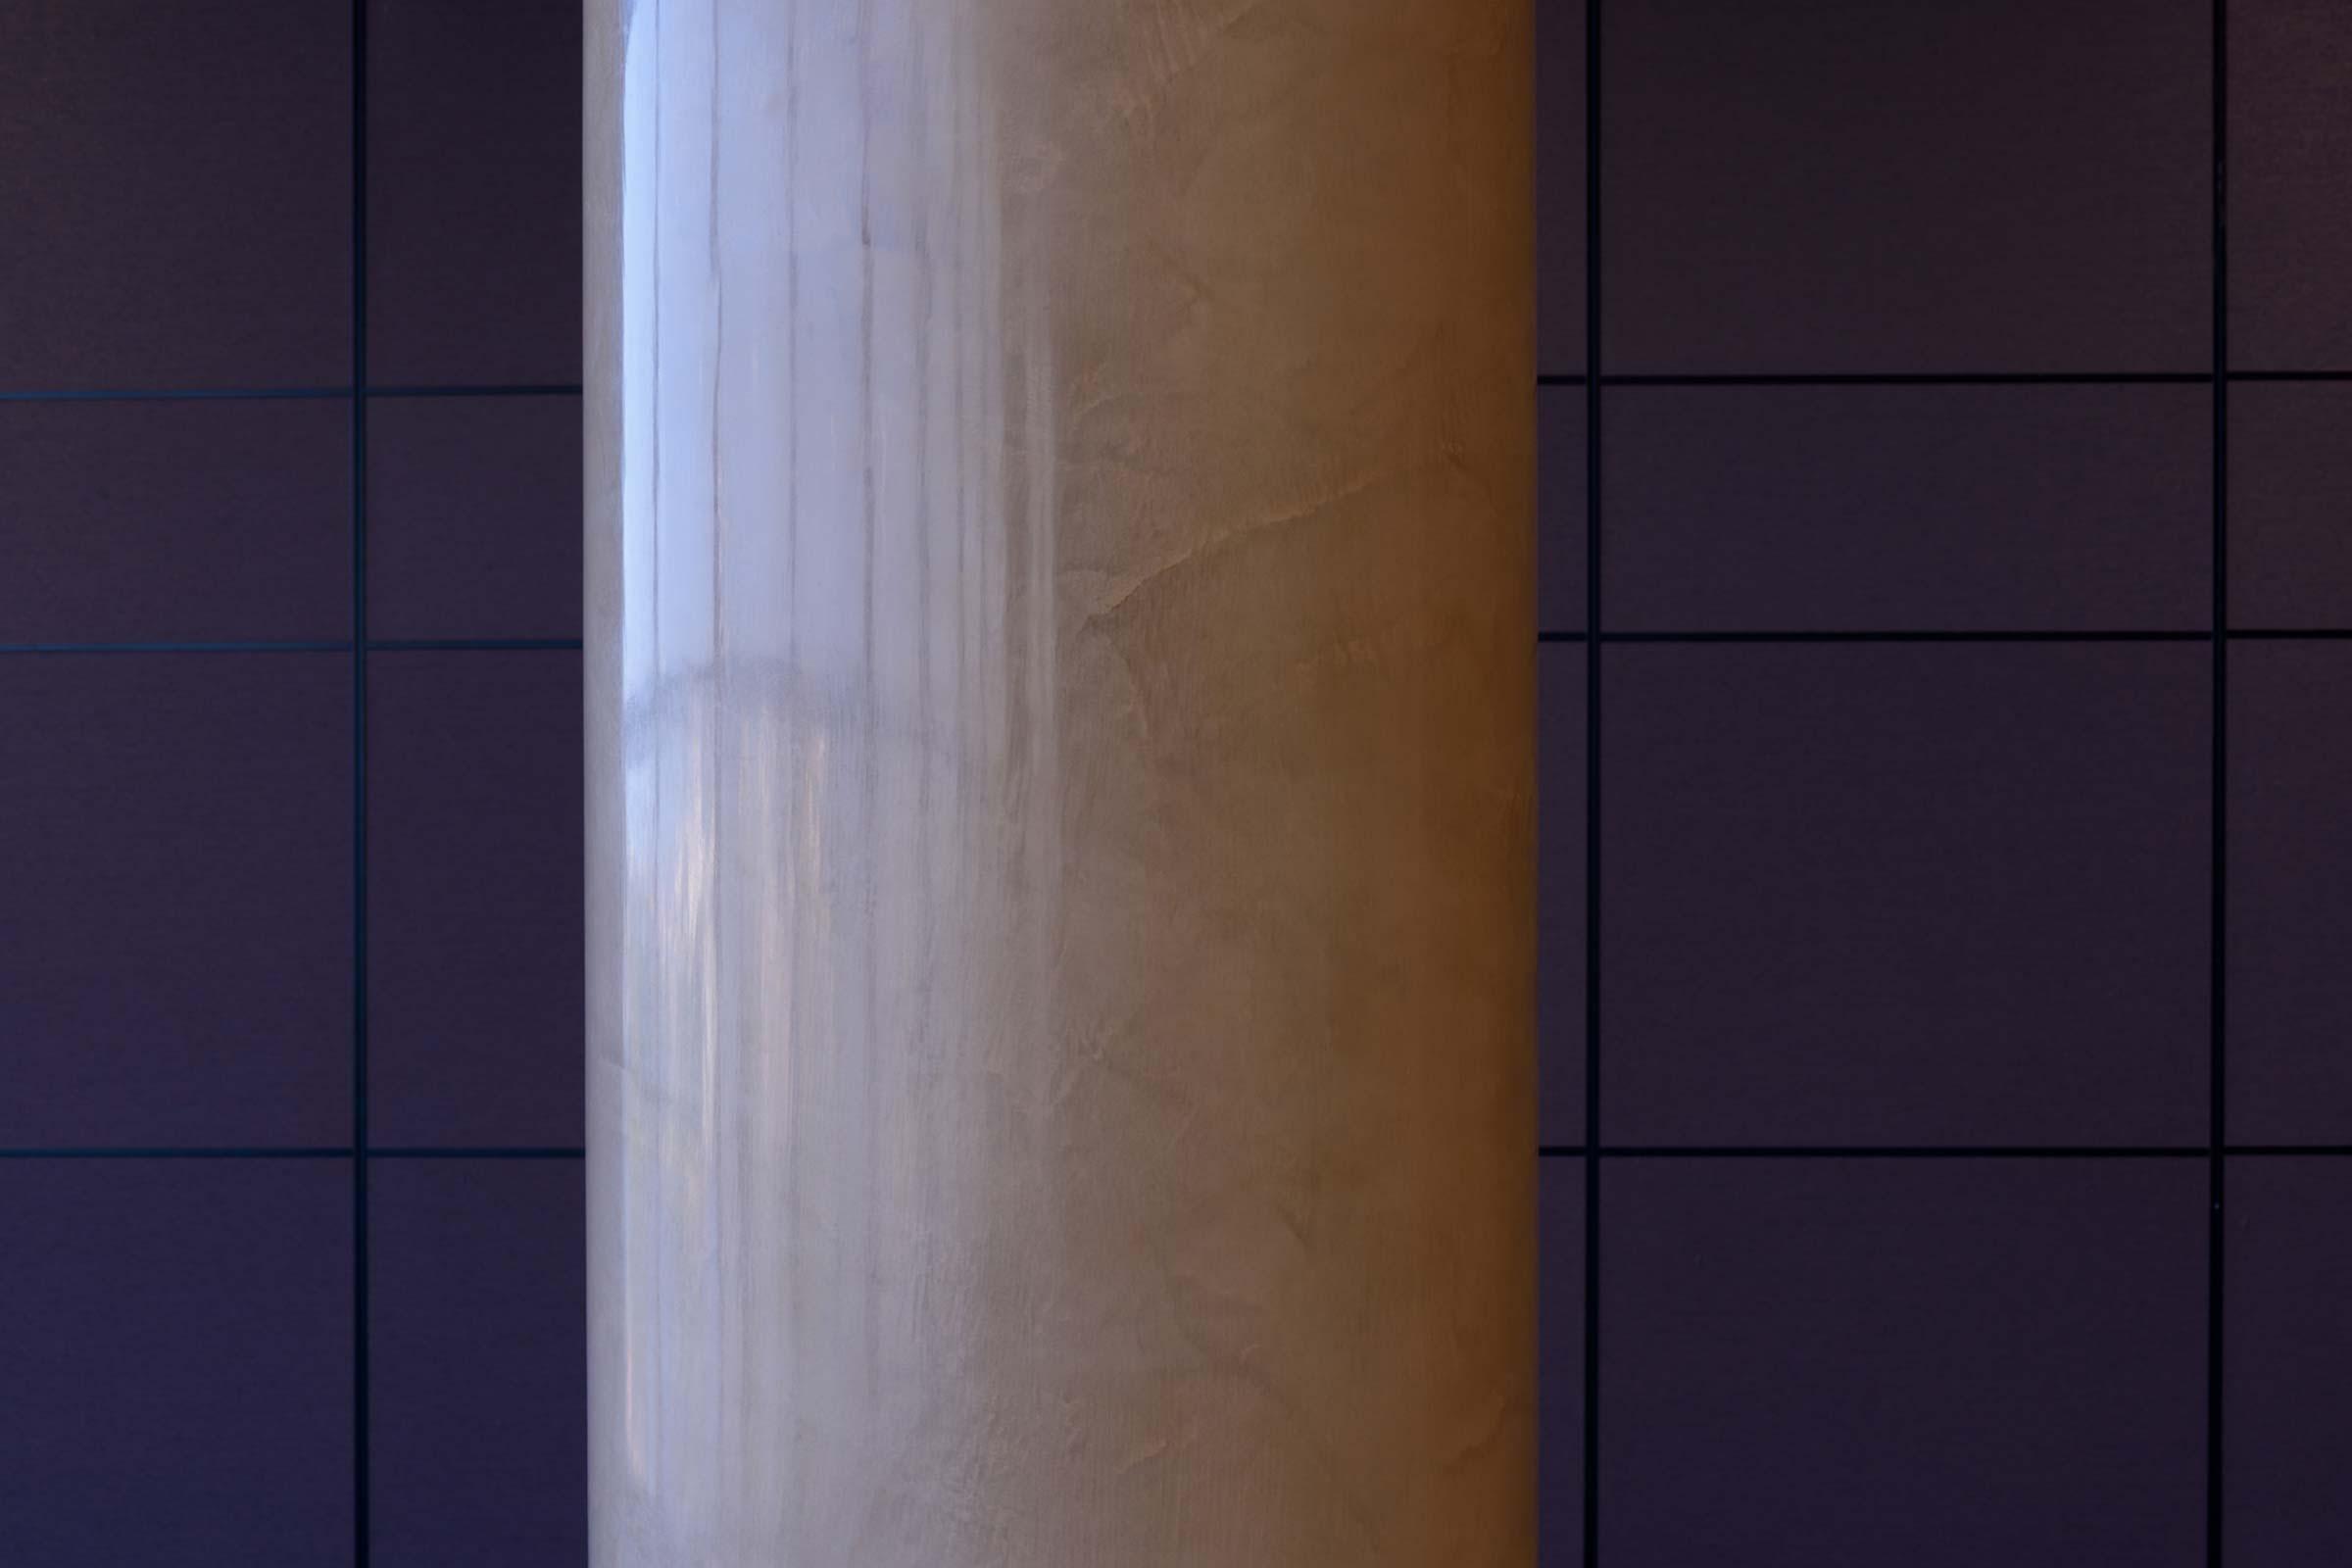 Dulux Venetian Plaster Perth Stadium 03 Marmorino Feature Column